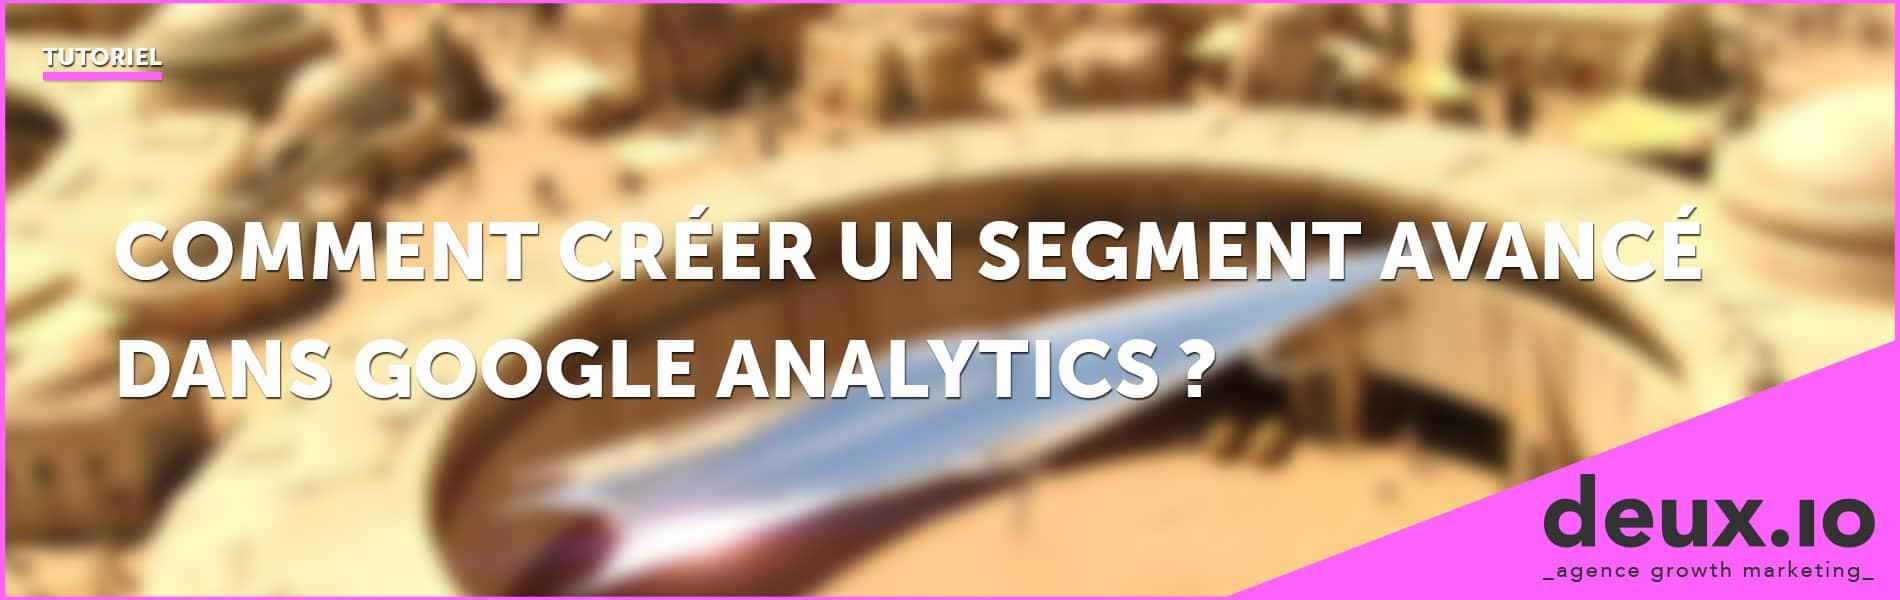 comment créer un segment avancé dans google analytics